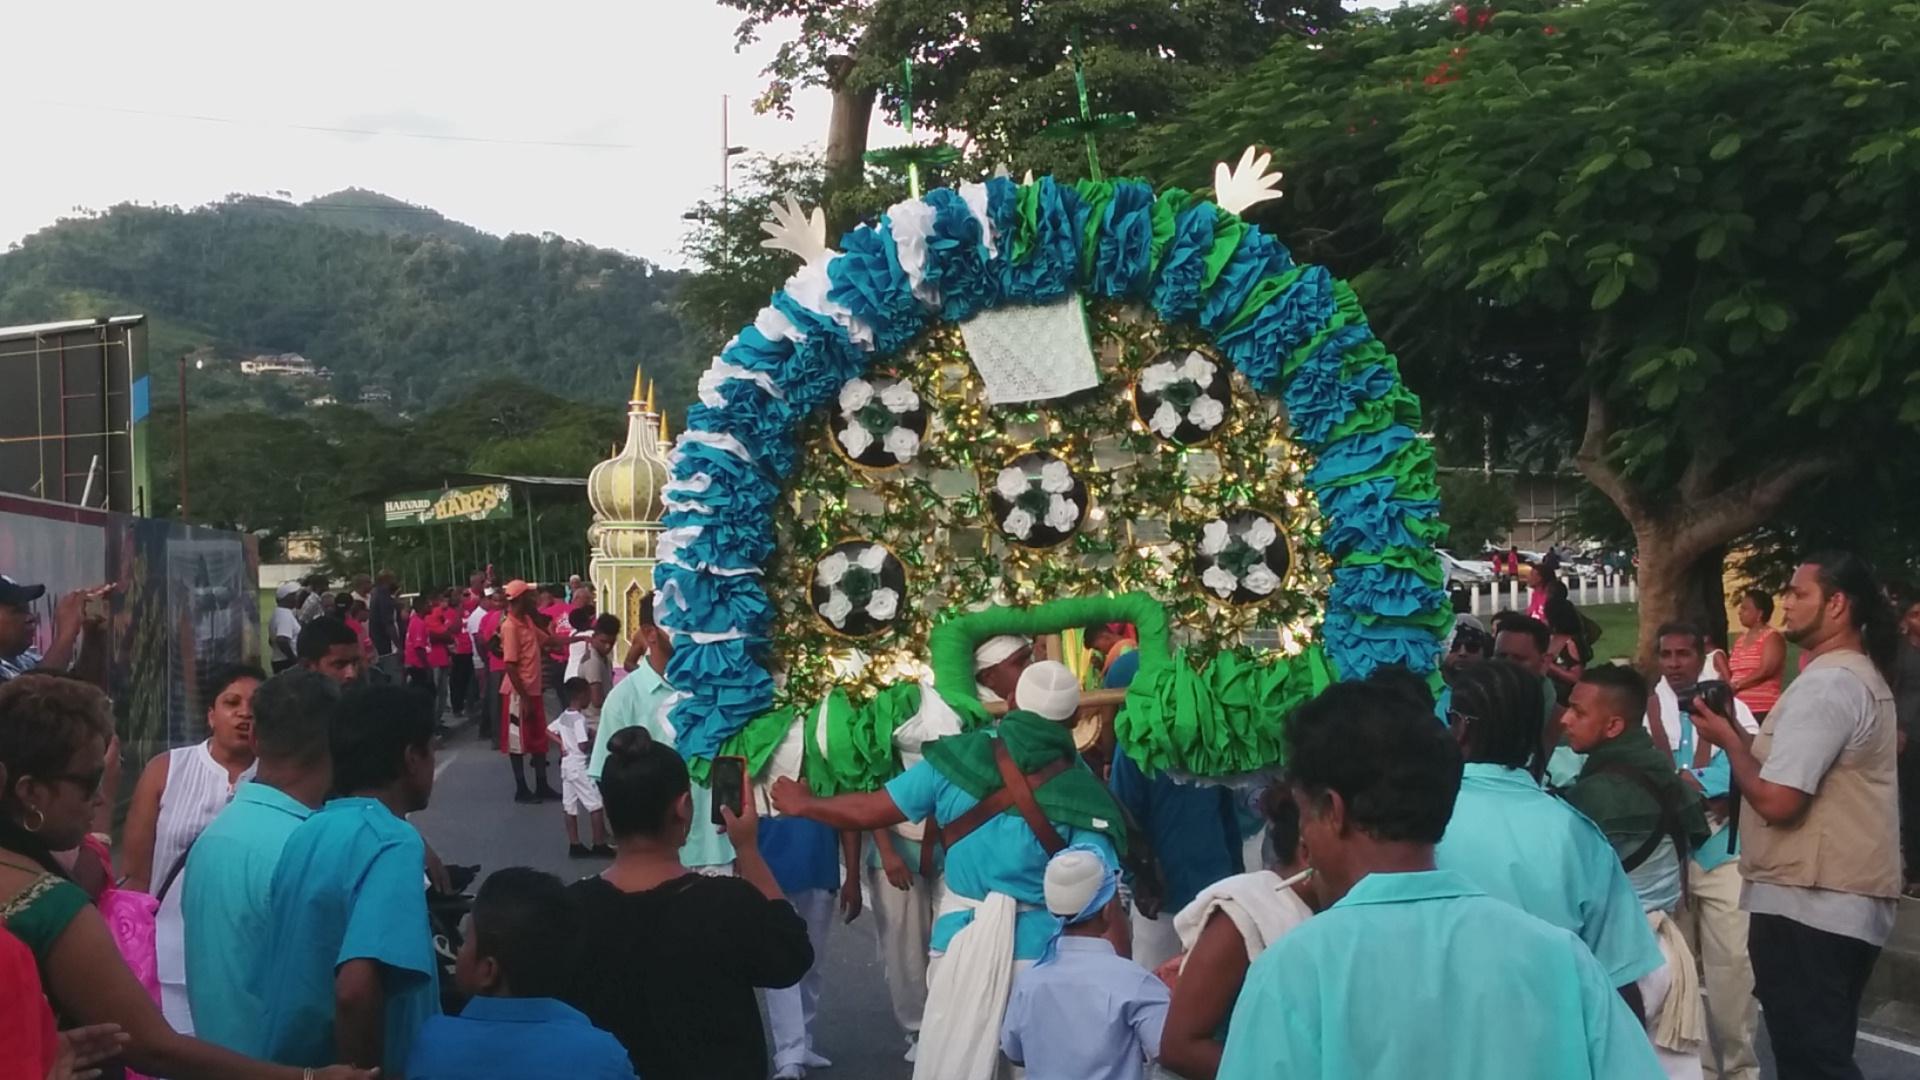 Hosay Destination Trinidad And Tobago Tours Holidays